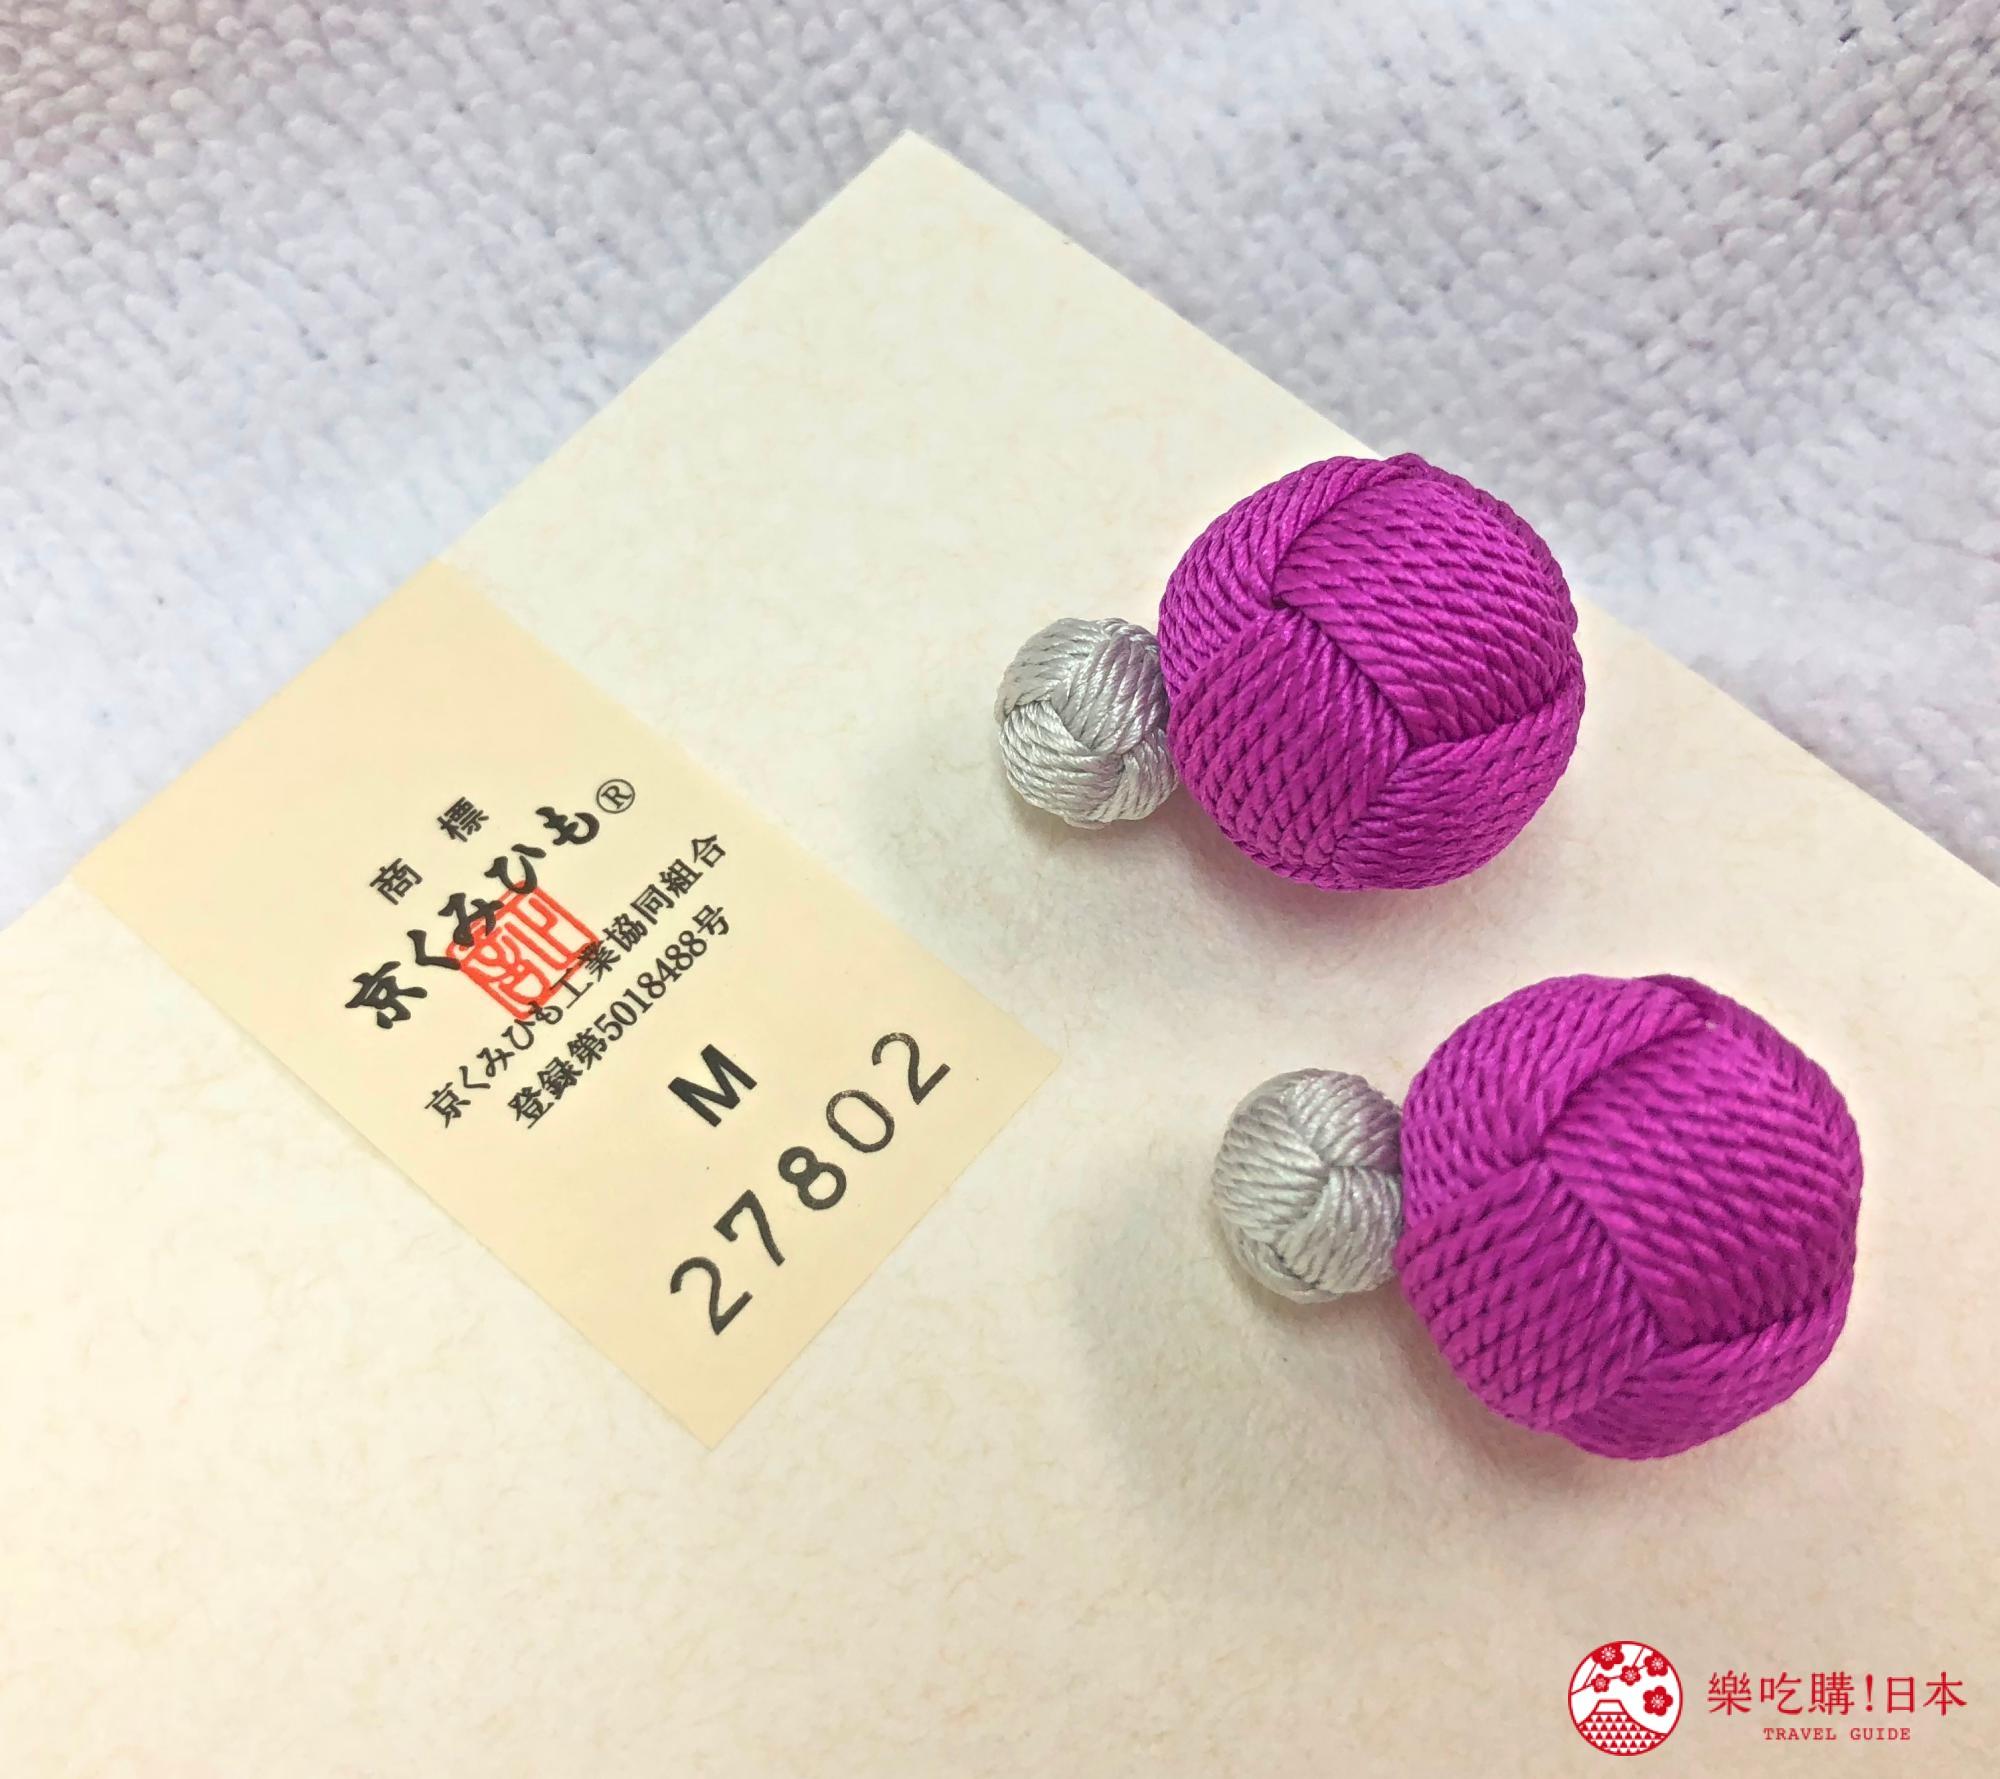 日本樂桃人氣原創設計商品的組紐編繩夾式耳環與京組紐認證卡片近照